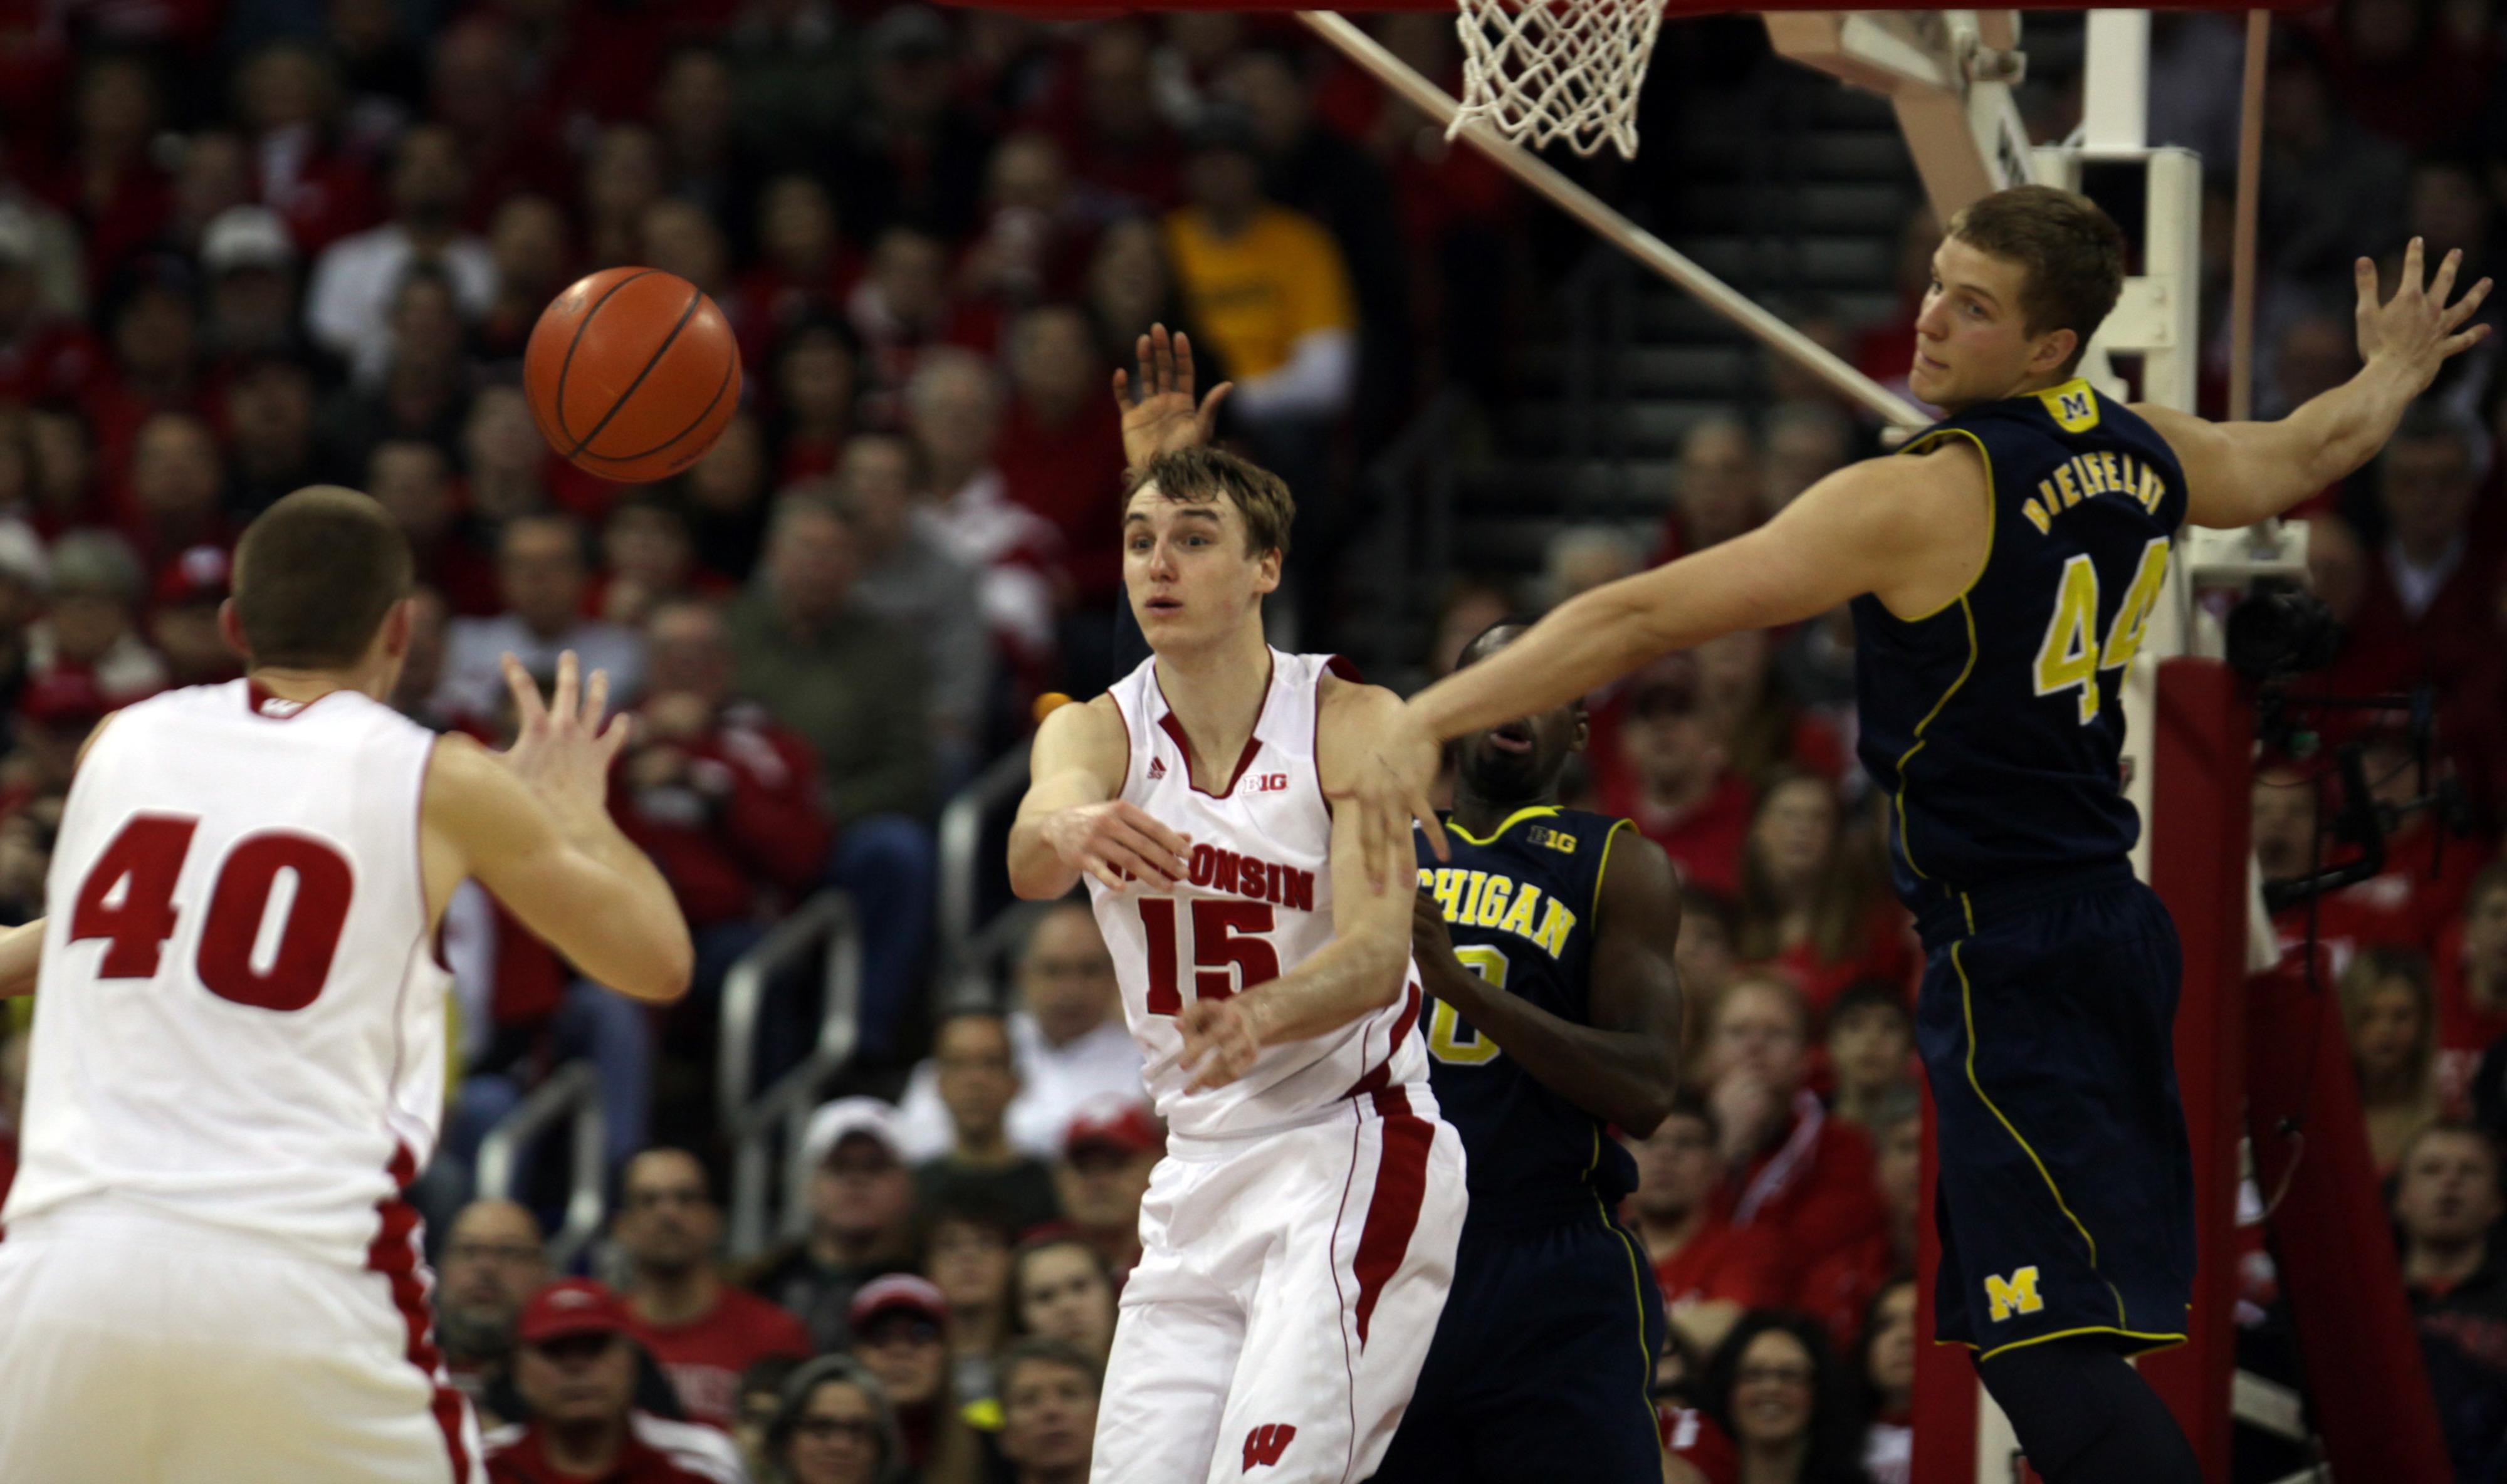 Both Sam Dekker (15) and Michigan's Glenn Robinson III were named to the Big Ten's All-Freshman squad.